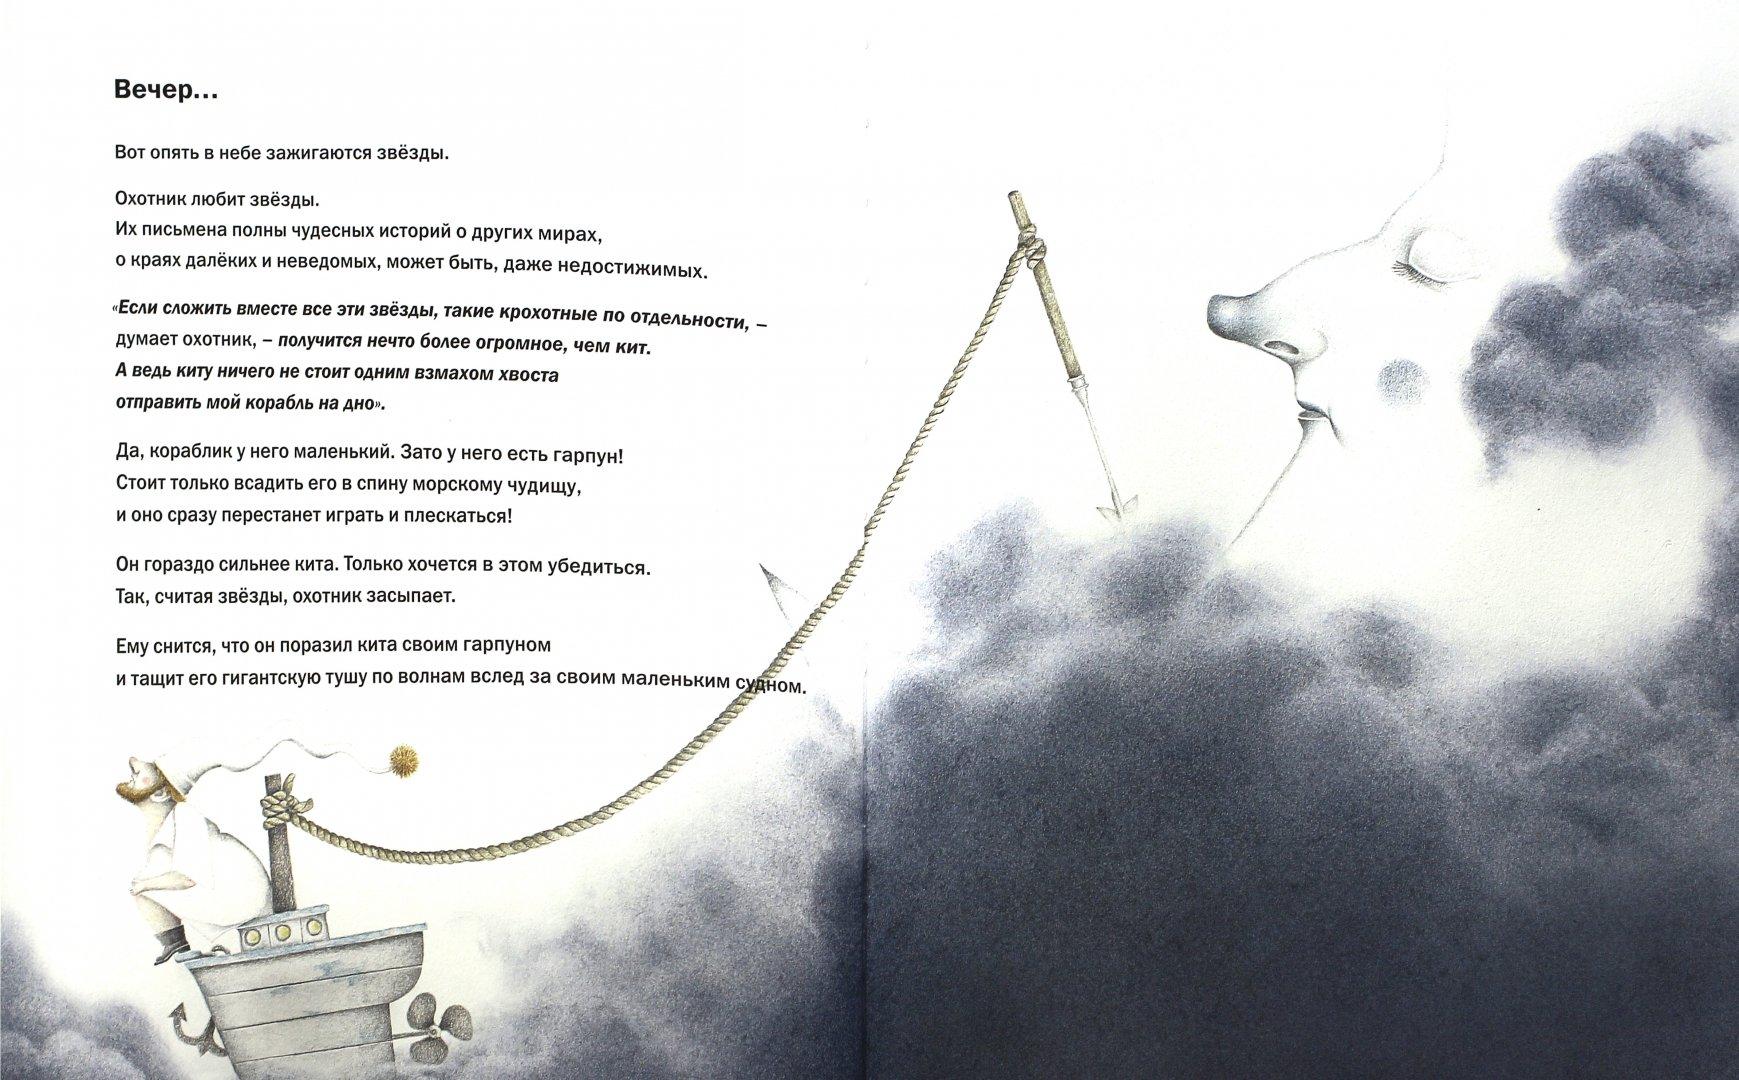 Иллюстрация 1 из 47 для Кит и охотник - Палома Ибарсабаль | Лабиринт - книги. Источник: Лабиринт